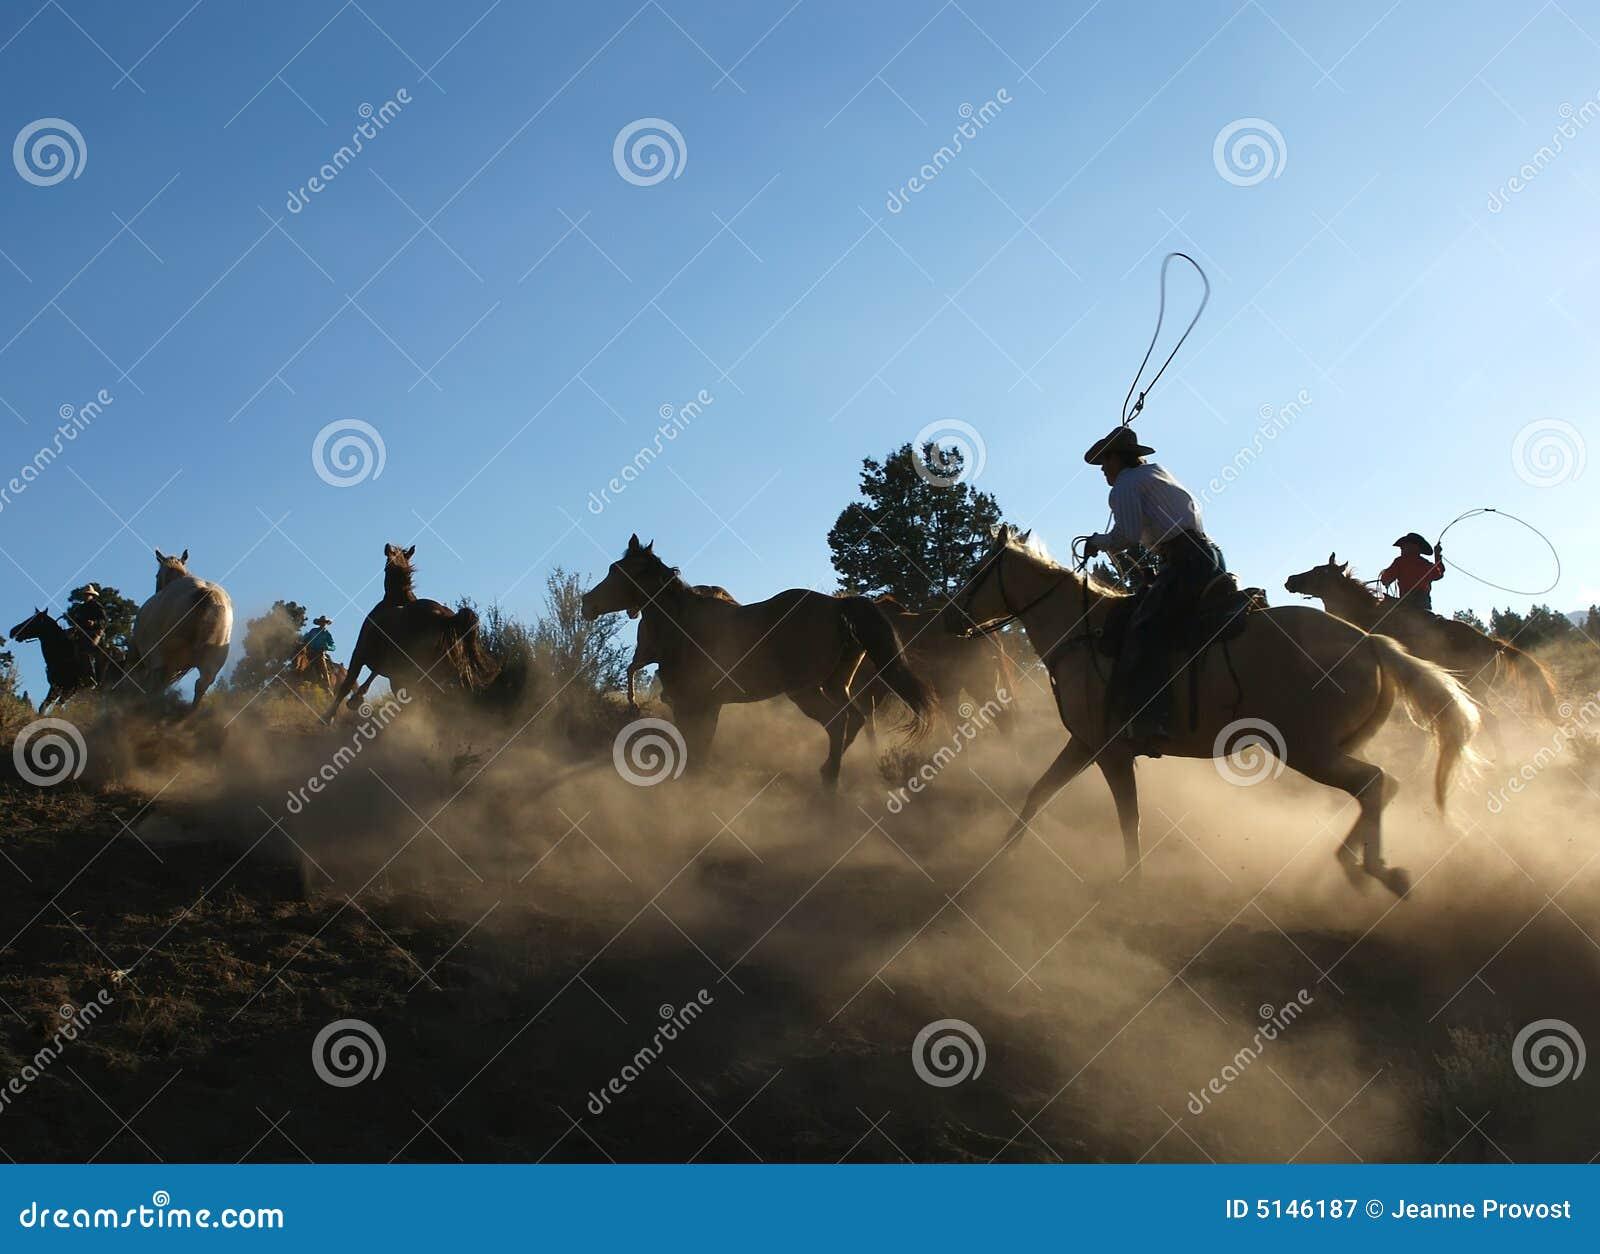 Horse Roundup at Dusk